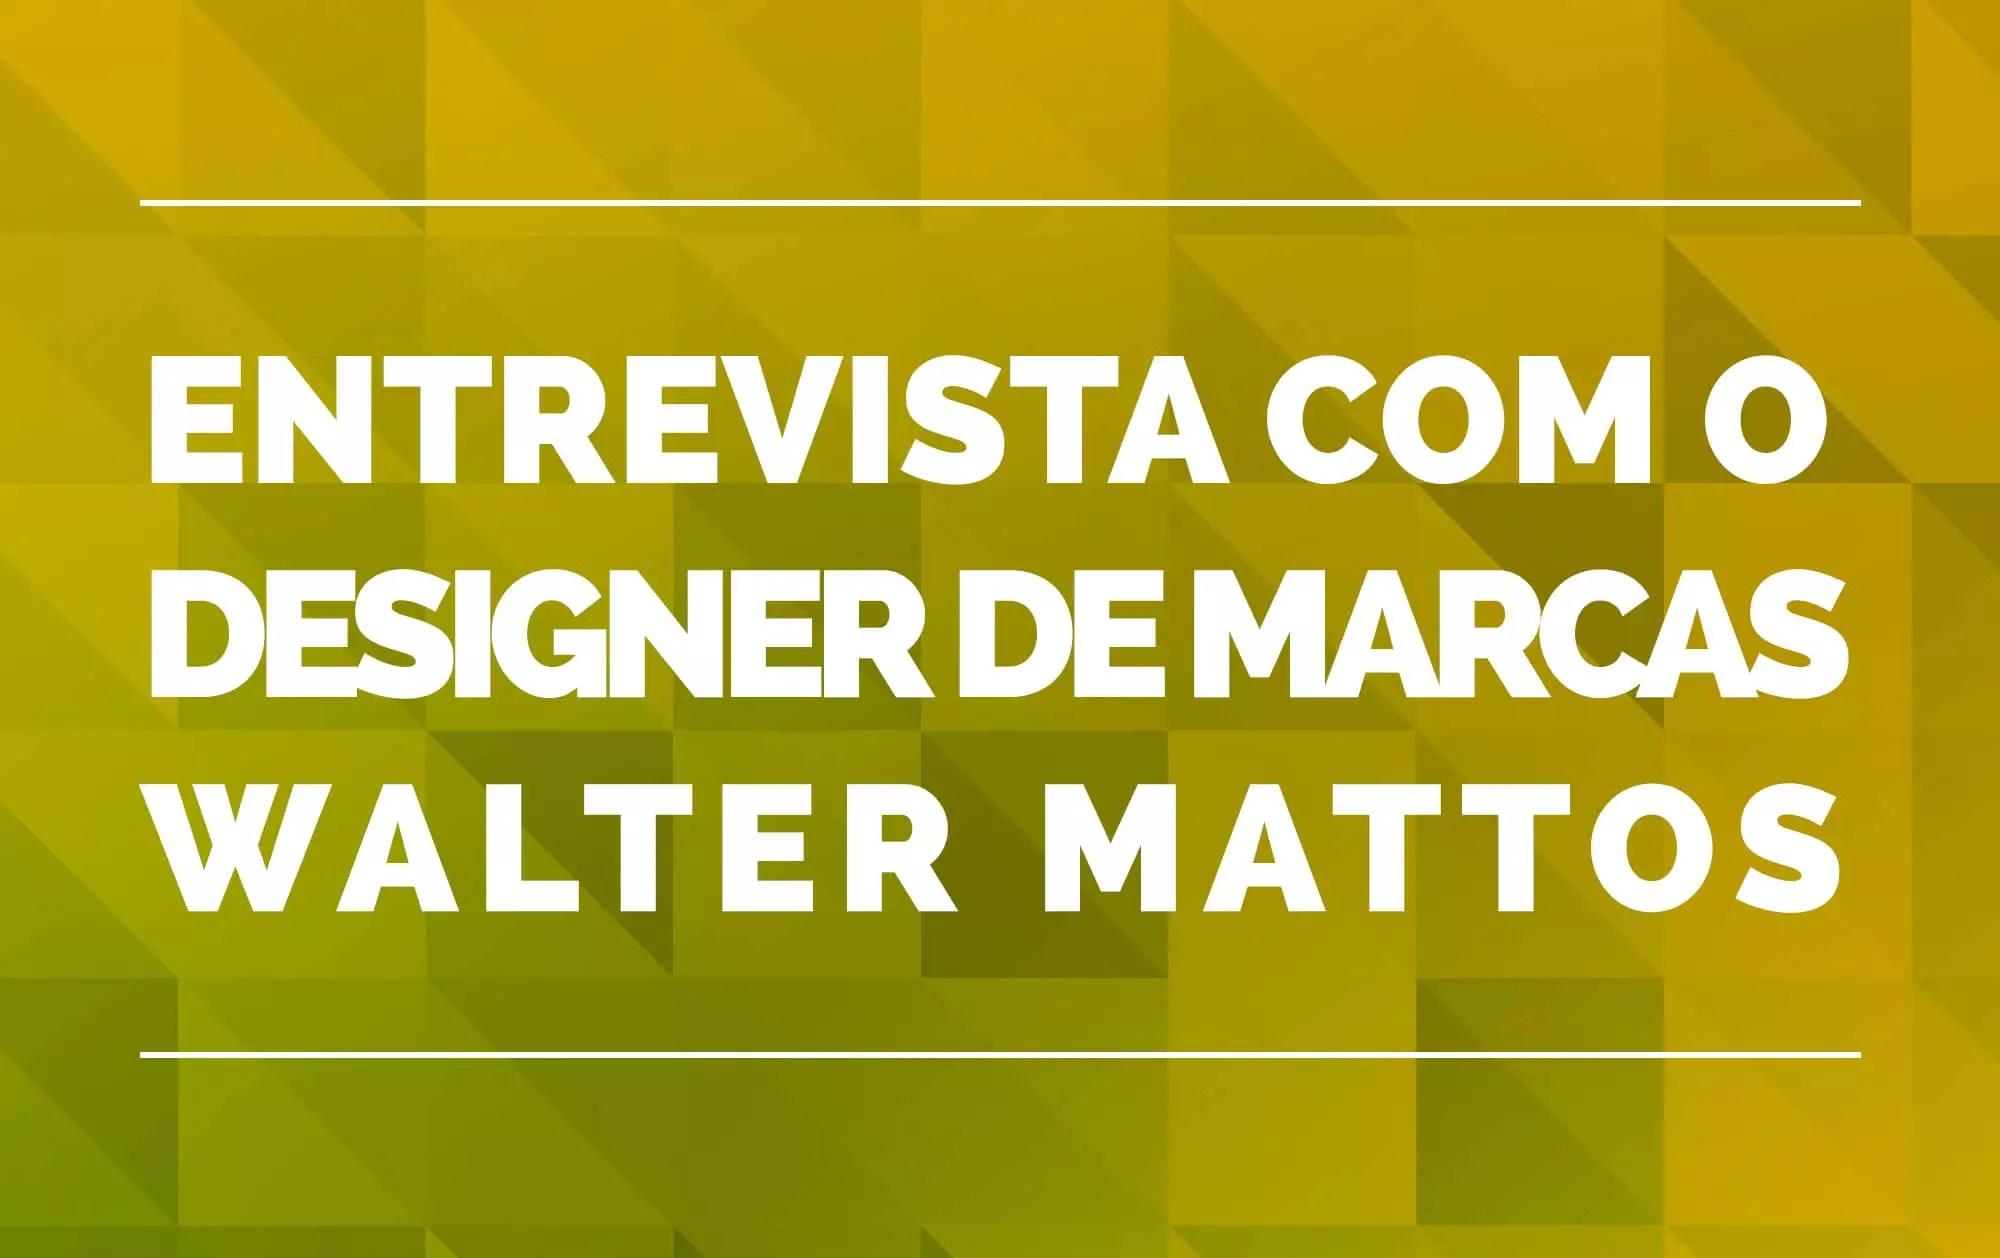 entrevista com o designer de marcas walter mattos